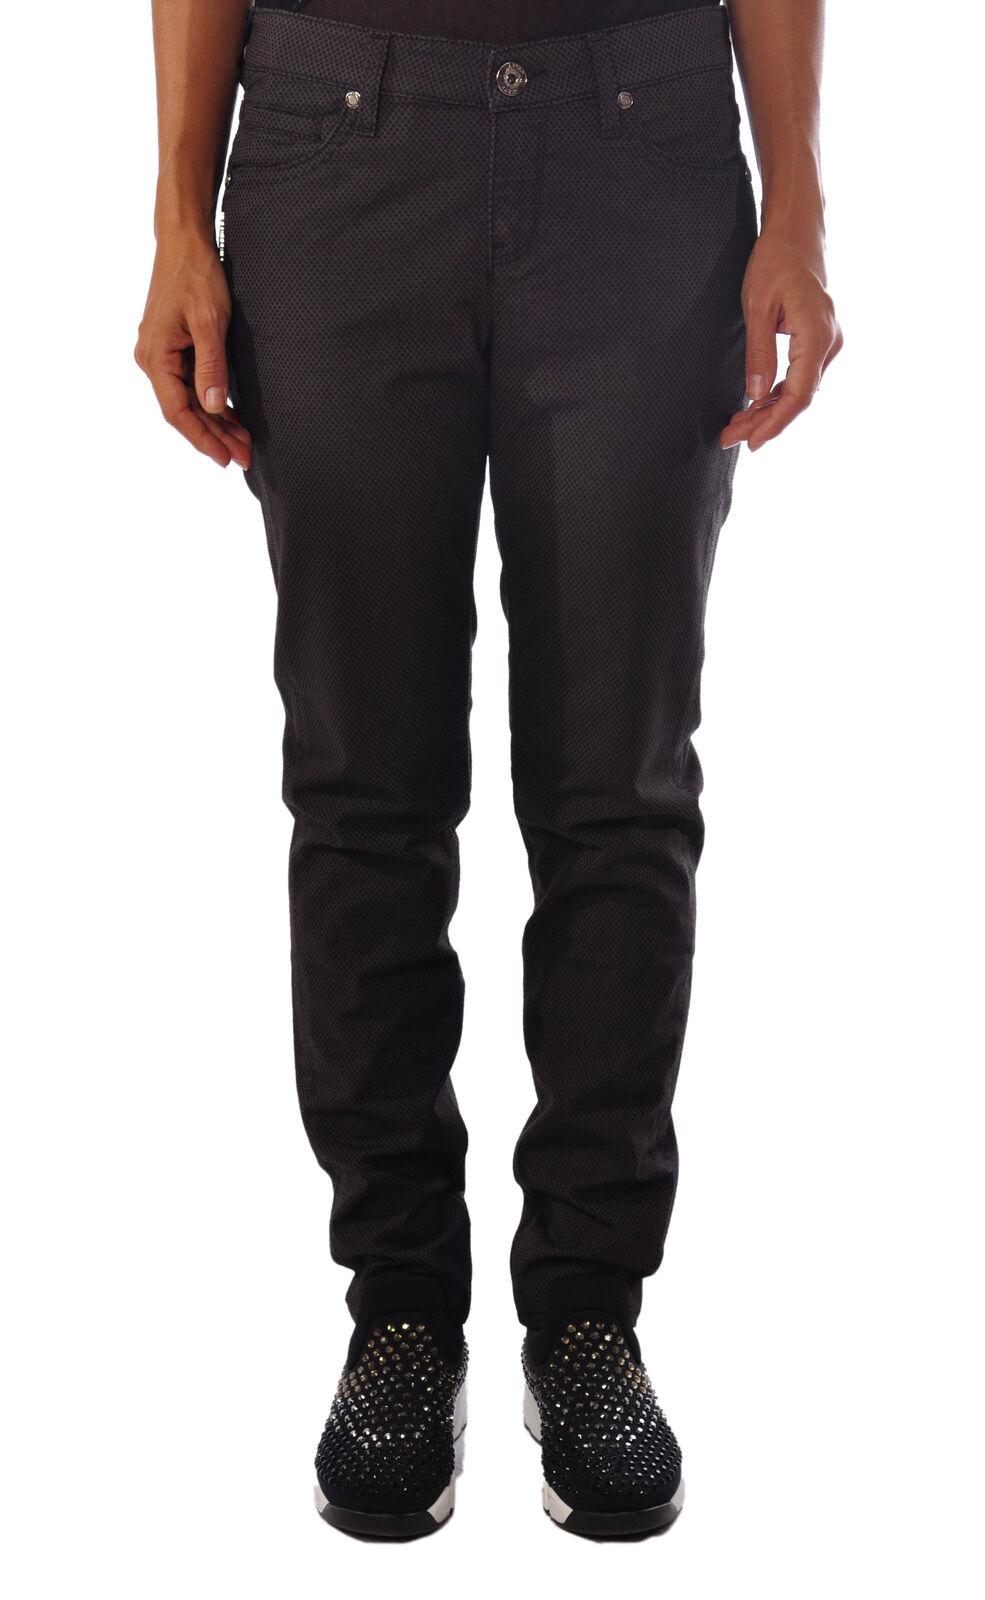 Latinò - Pants-Pants - Woman - Brown - 909717G184015